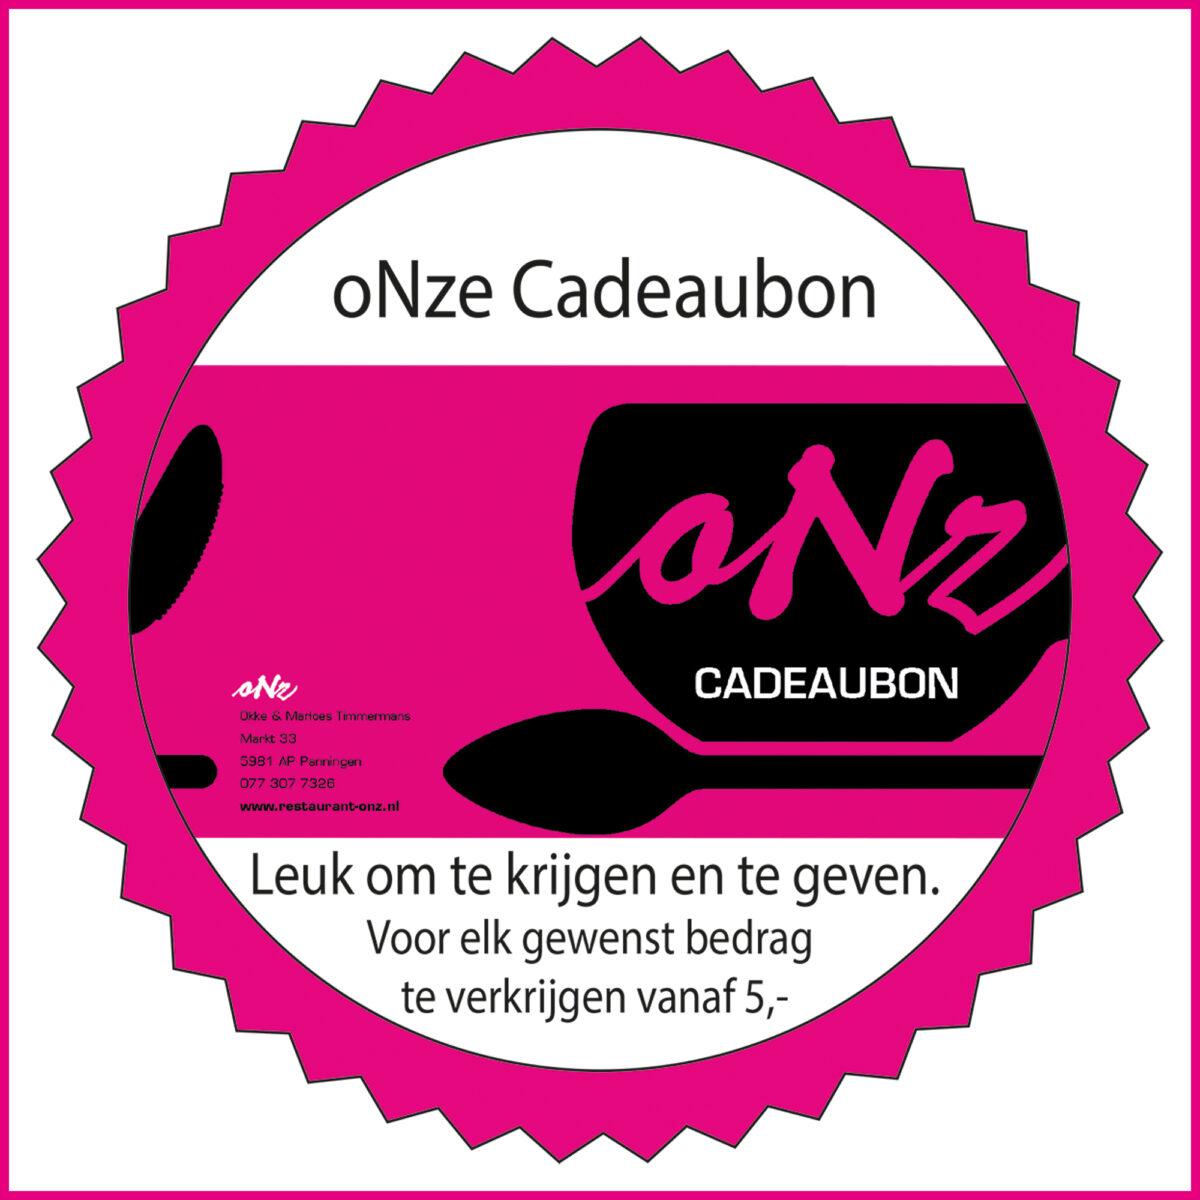 Restaurant oNZ